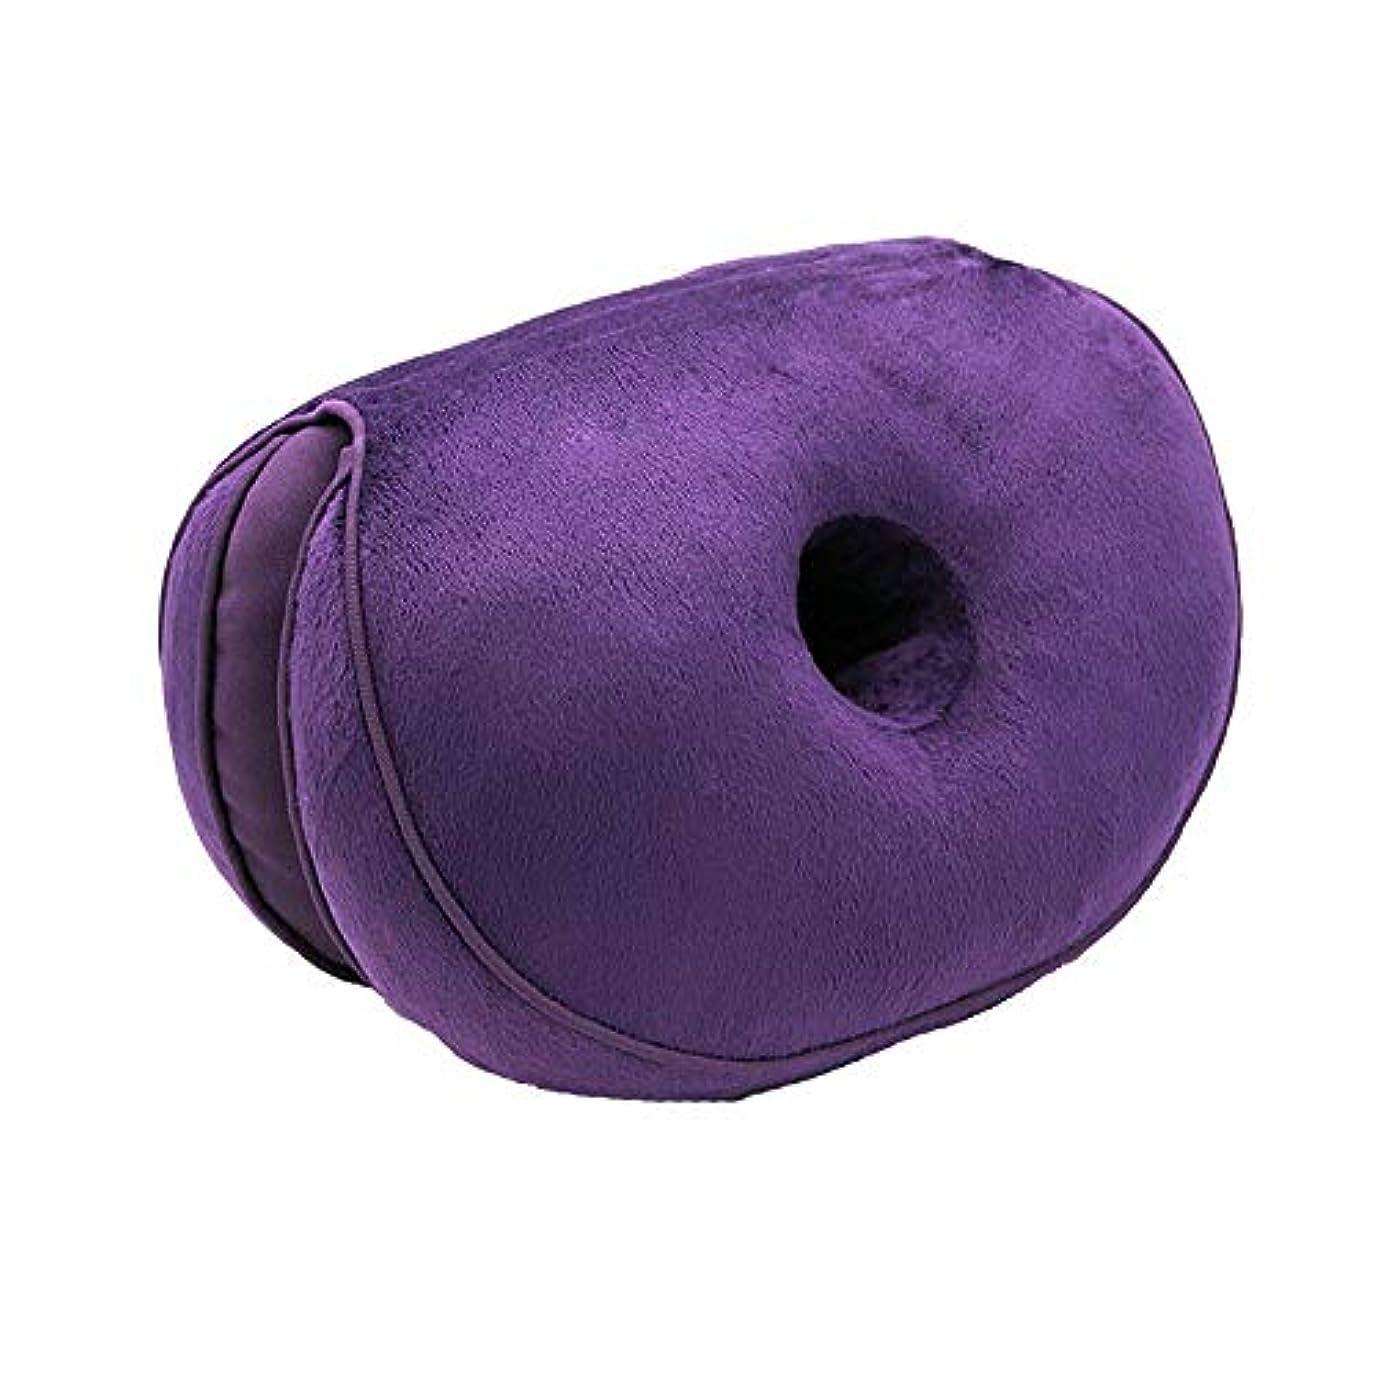 冒険汚す版LIFE 新デュアルシートクッション低反発ラテックスオフィスチェアバックシートクッション快適な臀部マットパッド枕旅行枕女性女の子 クッション 椅子